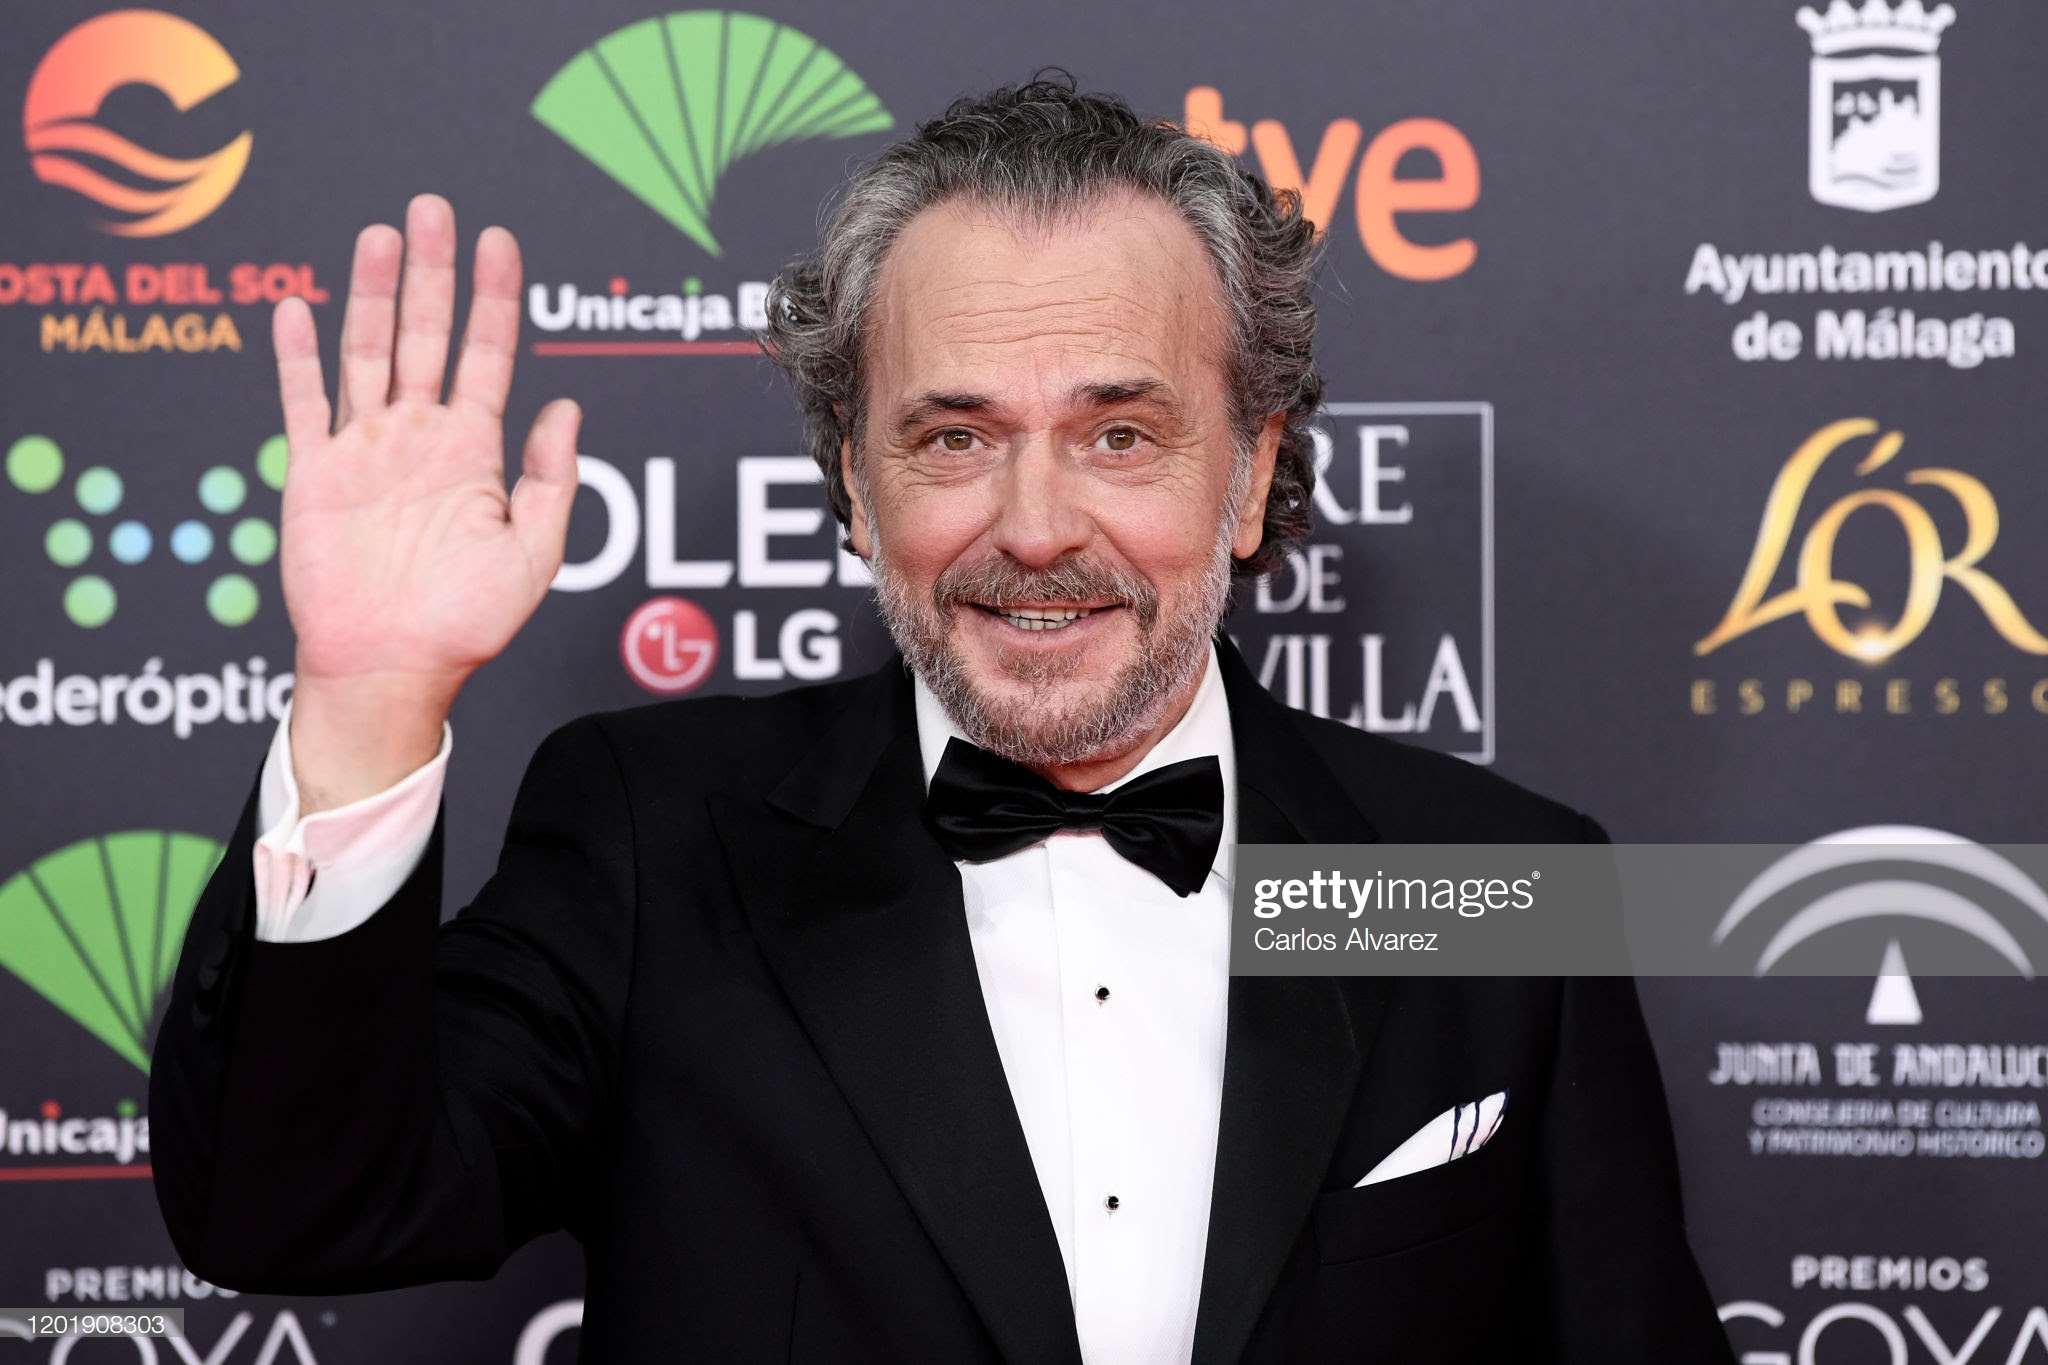 df906e4f 0b08 4b6a bf16 359140b93c83 - Premios Goya 2020 : Looks de todas las celebrities que lucieron  marcas de Replica